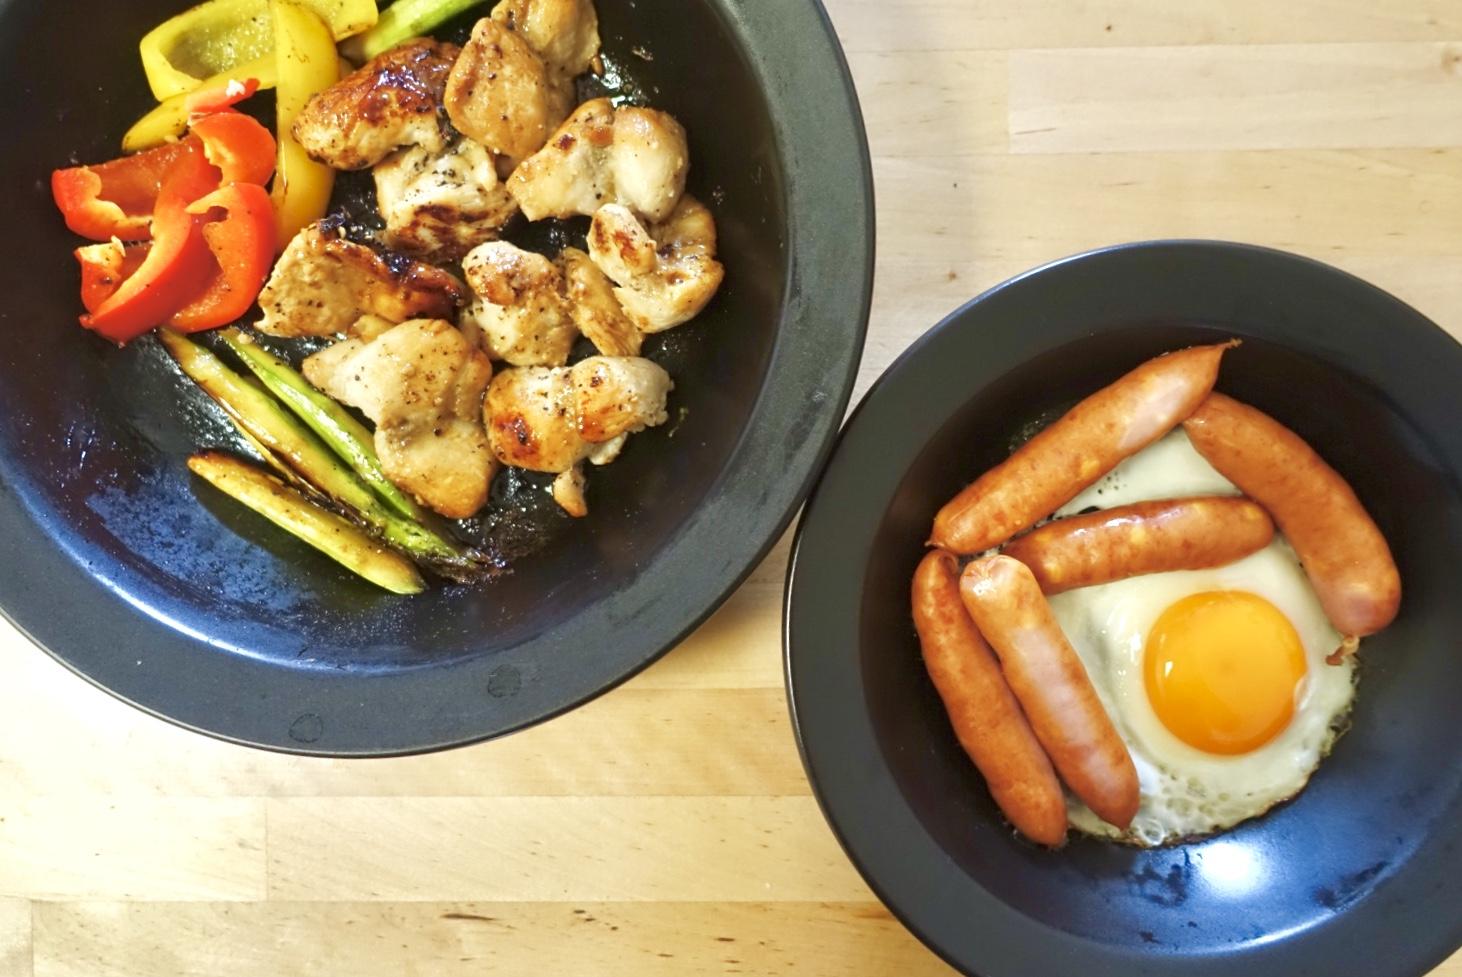 この皿がフライパンになる!? 無印の耐火皿、最高の時短調理アイテムだった…|マイ定番スタイル